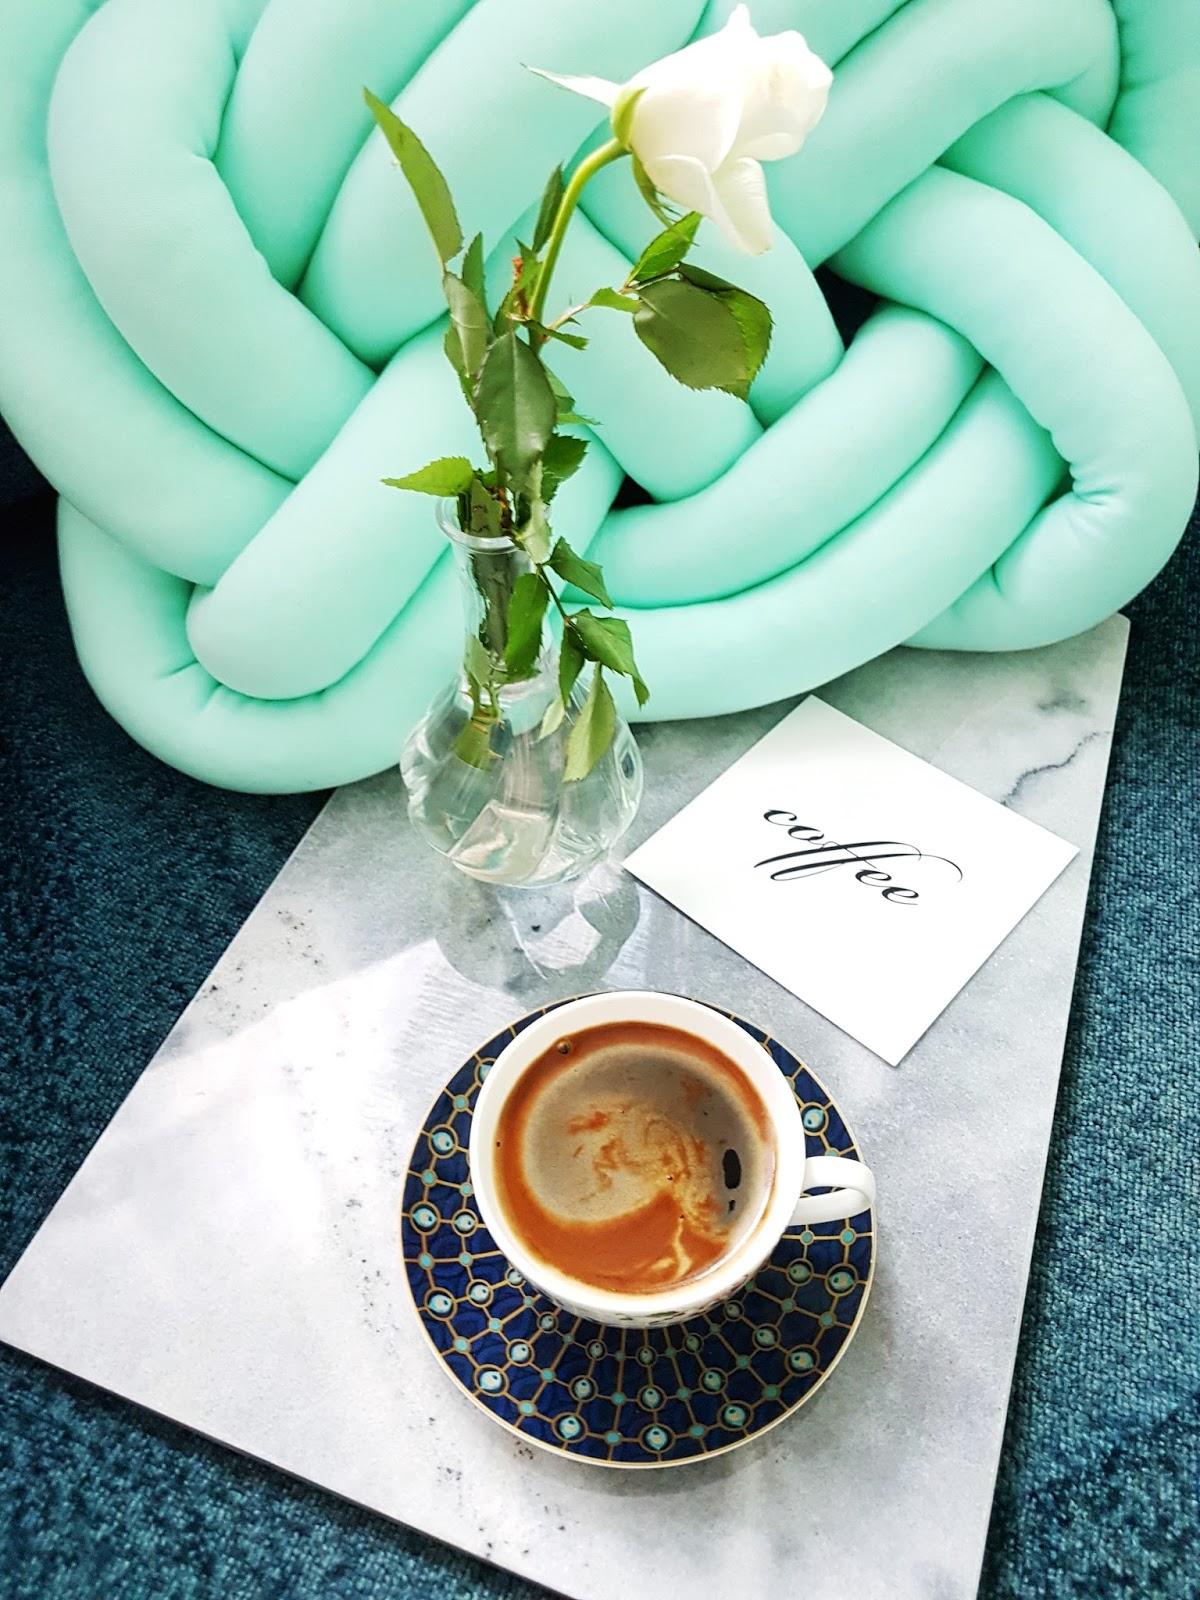 Filiżanki do kawy i herbaty porcelanowe DUO PARADIS BIAŁE- Kawiarka aluminiowa ciśnieniowa VENETTO - kafetiera na 3 filiżanki espresso- Deska do serwowania serów i przekąsek marmurowa JUDGE SZARA